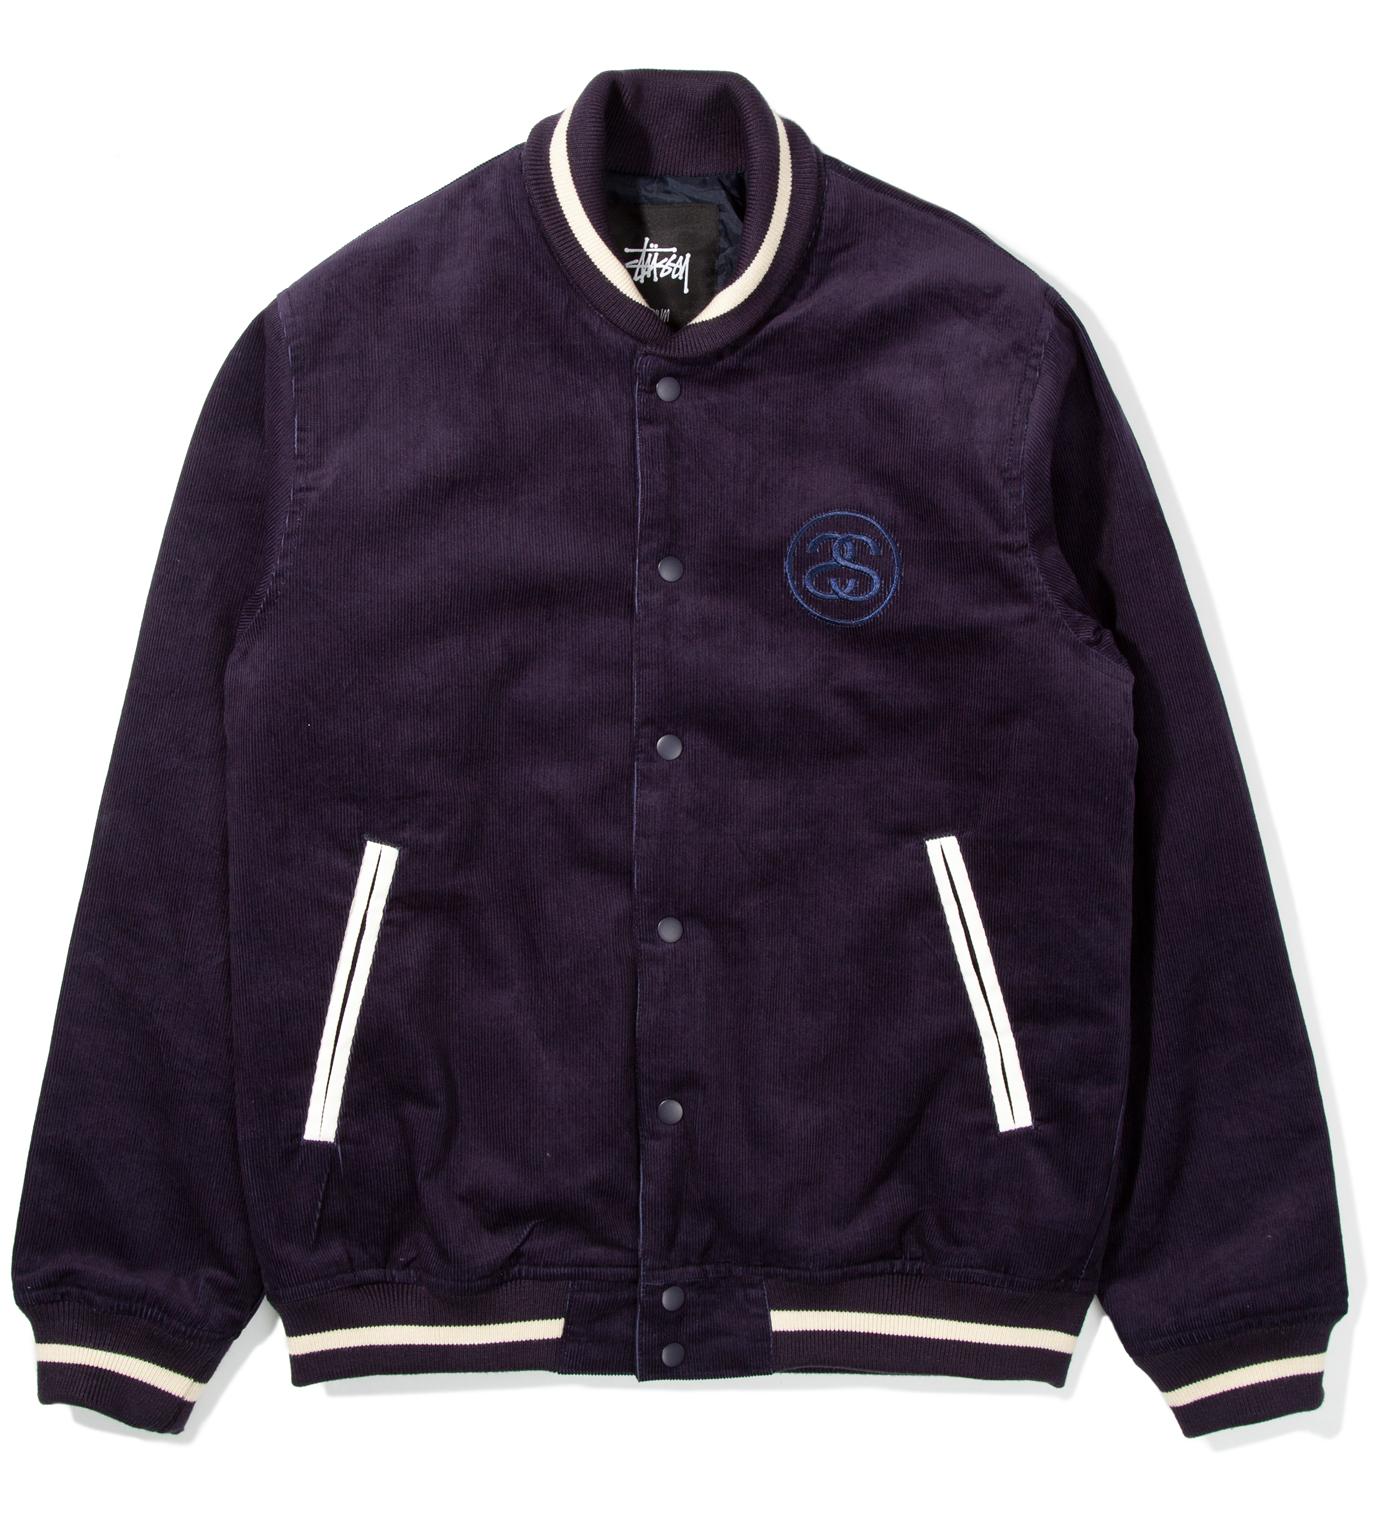 Stussy Navy Cord Varsity Jacket